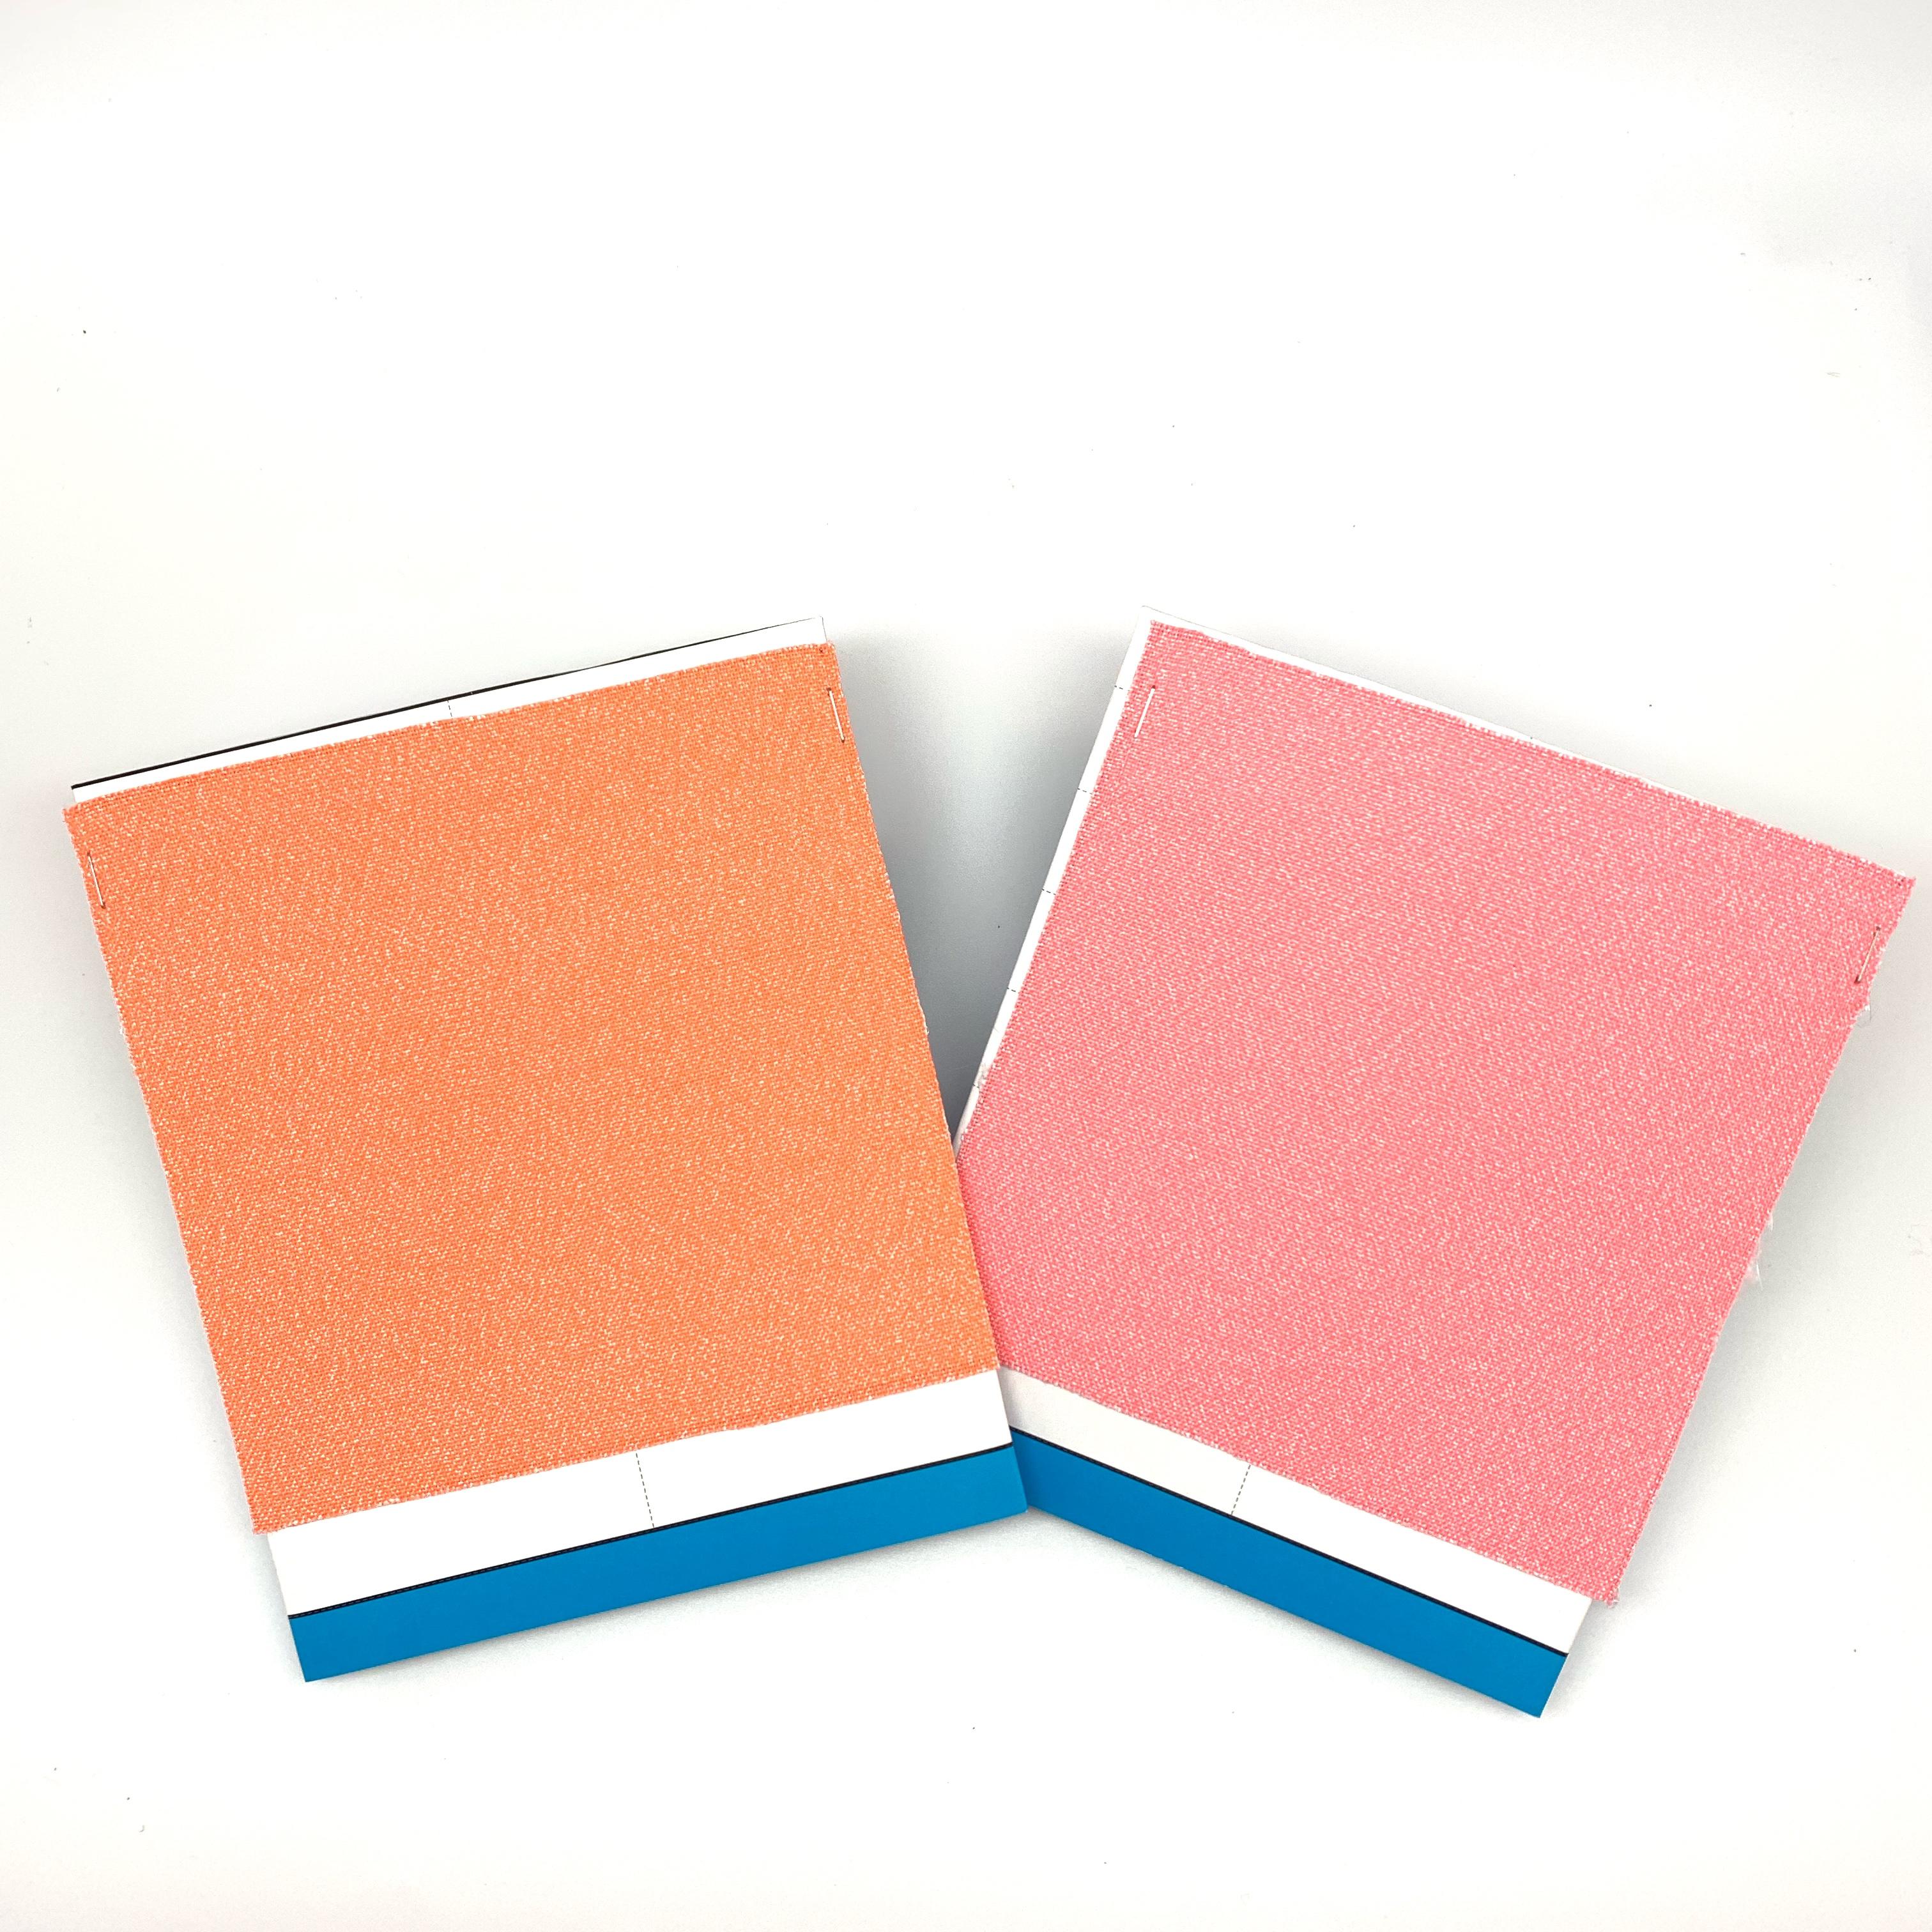 Анти-резка ткани руки рукава против порезов для класс против порезов защитные Одежда